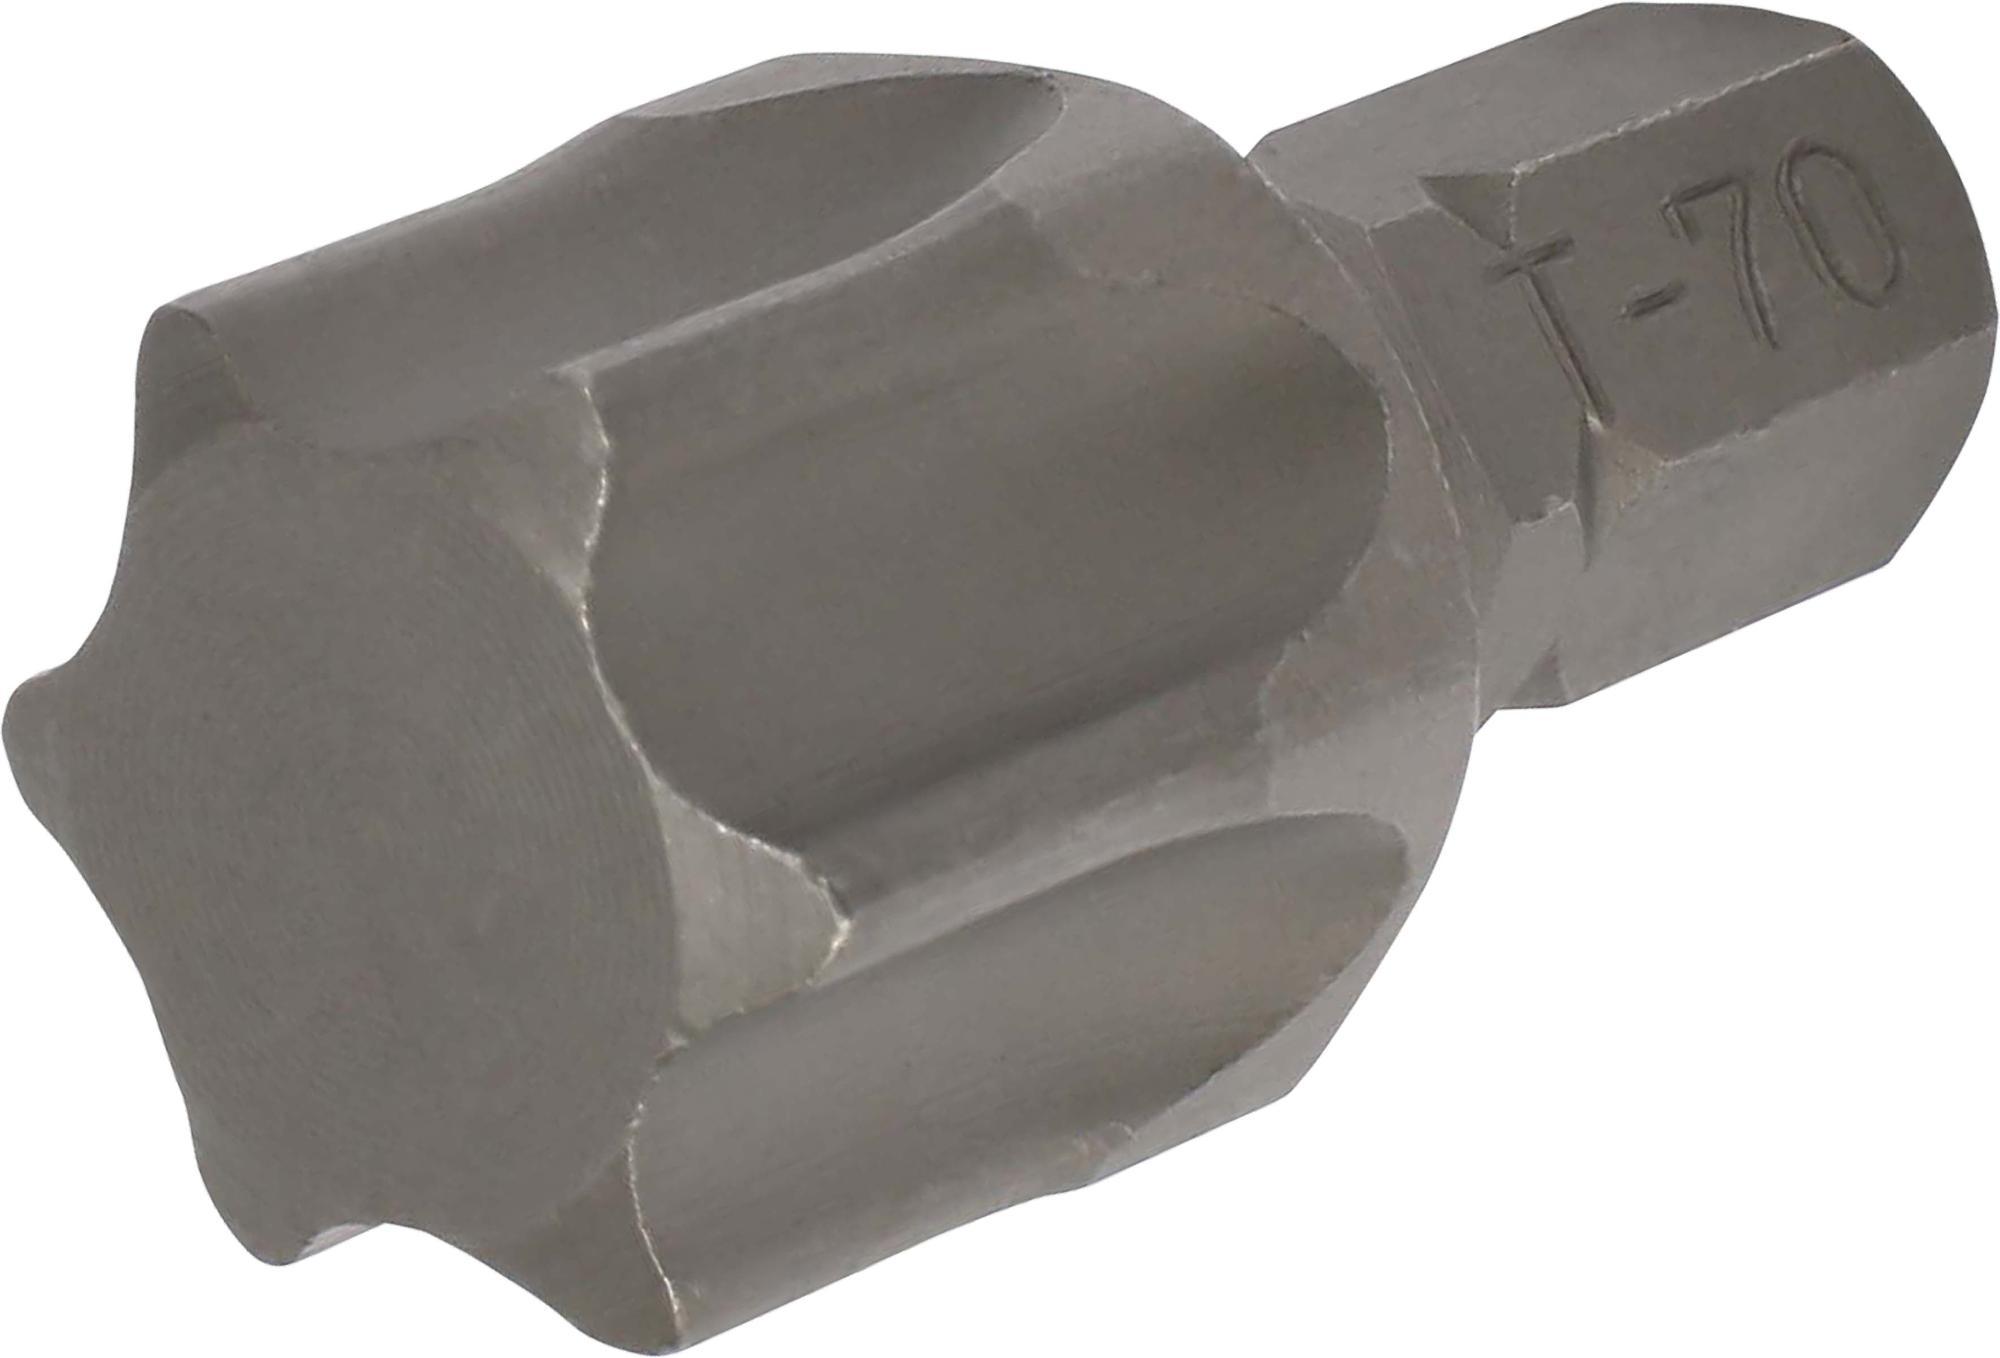 Bit, 8 mm 6-hran, TORX T70x30 mm